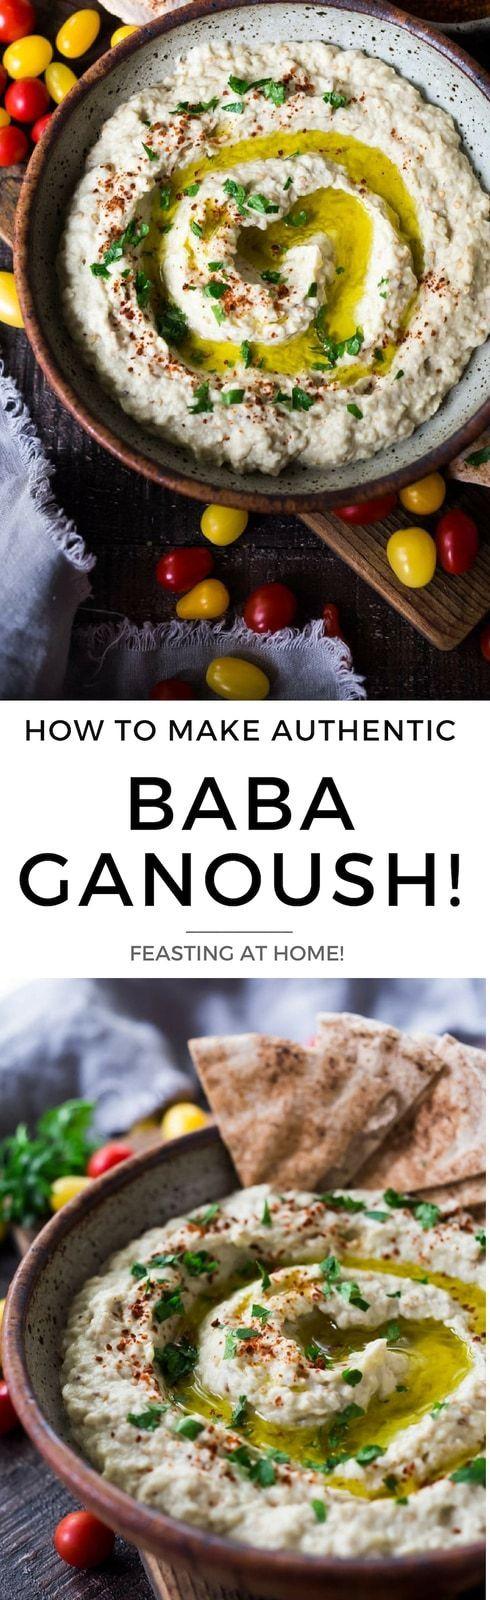 Authentic Baba Ganoush